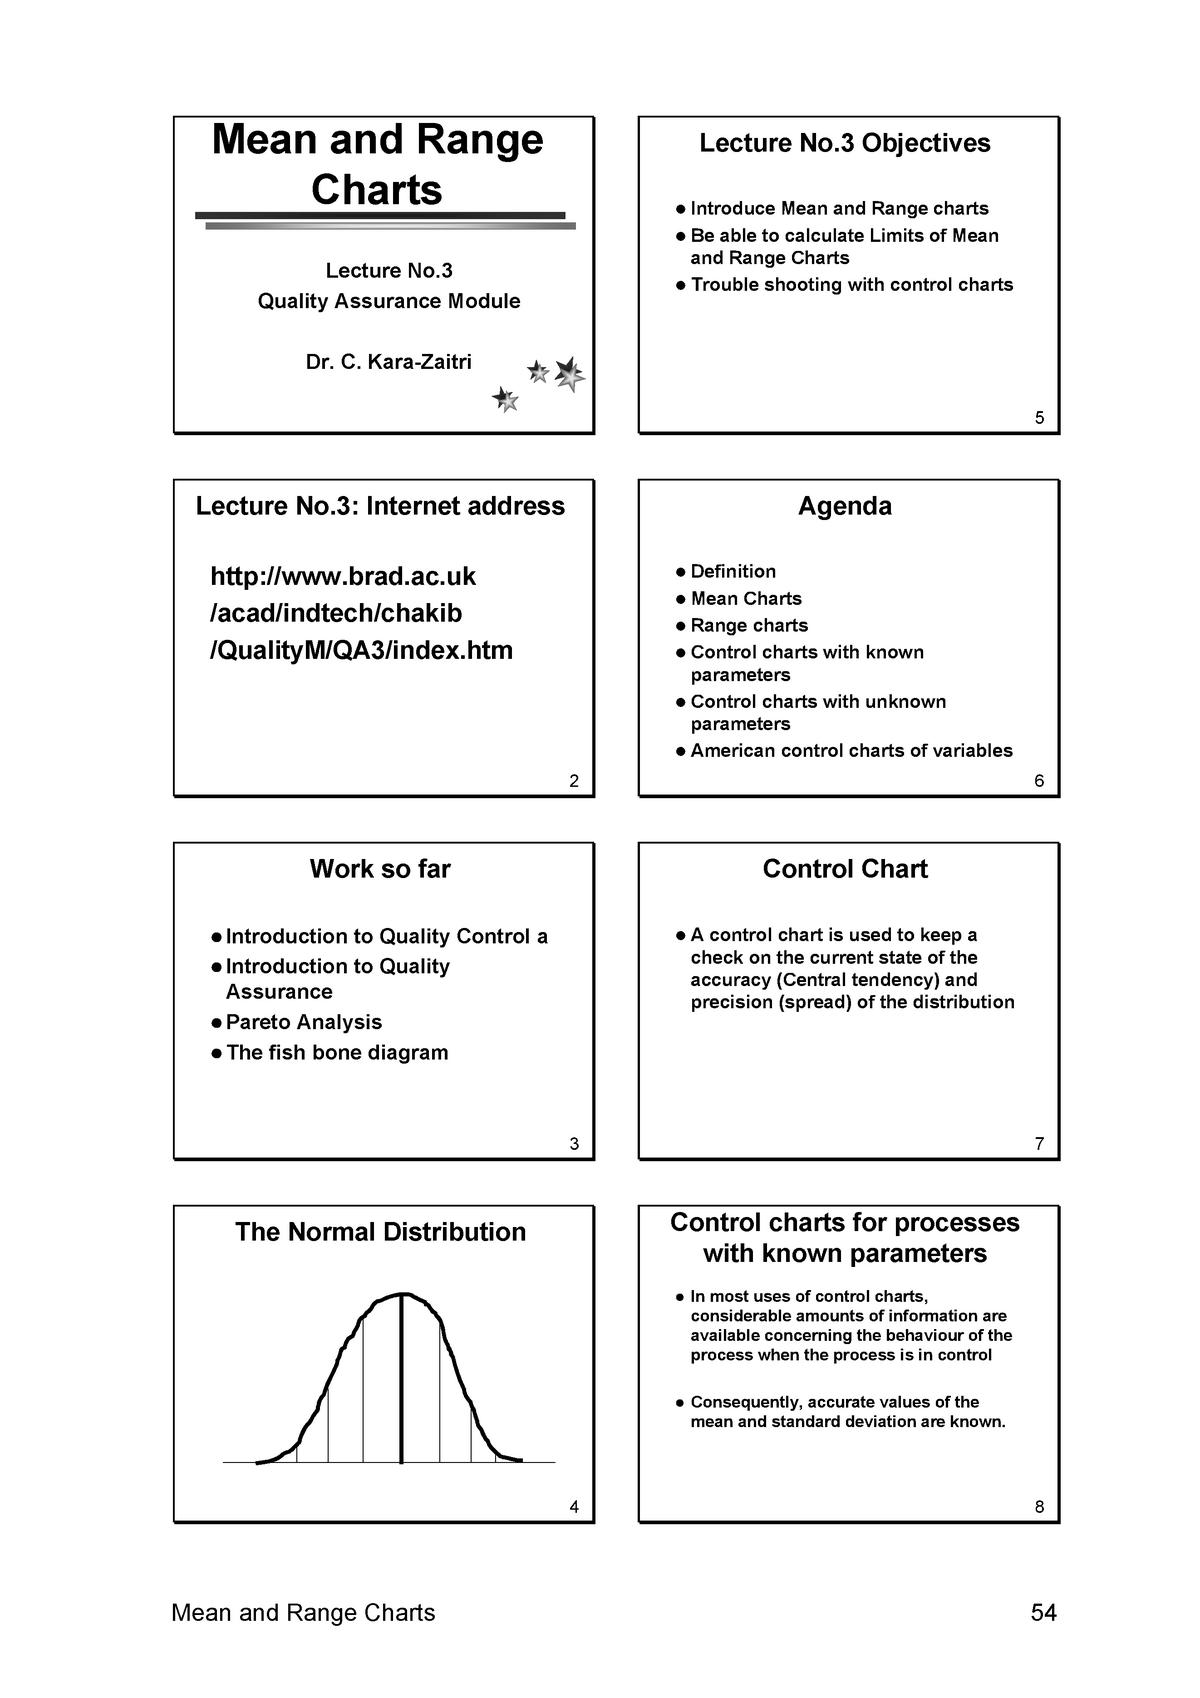 Mean and Range Charts - MKTG 6170 Marketing Management - StuDocu